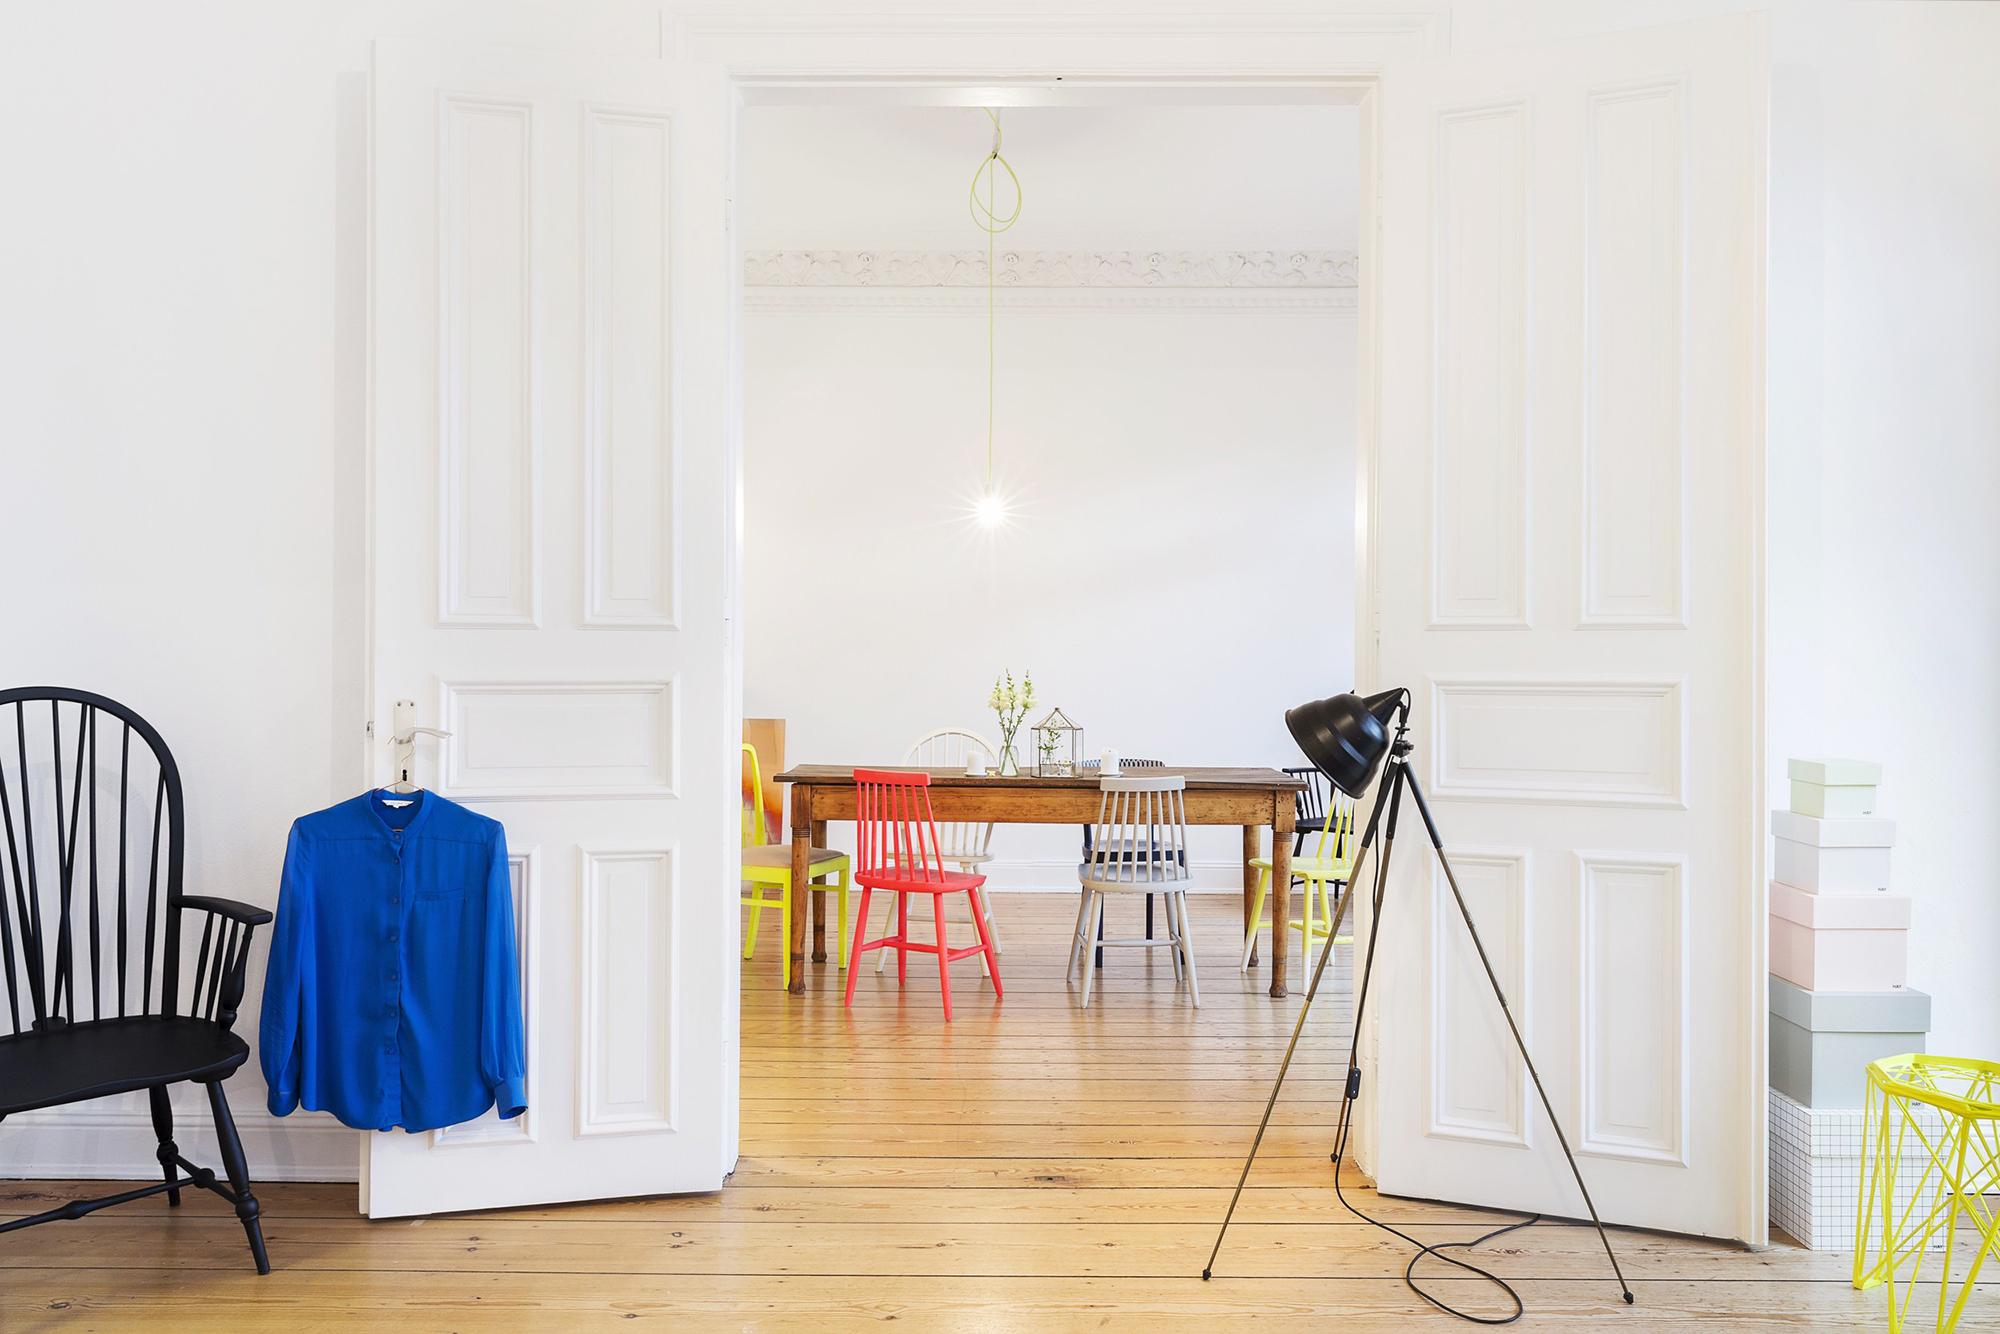 Homestory Studio Besau-Marguerre -